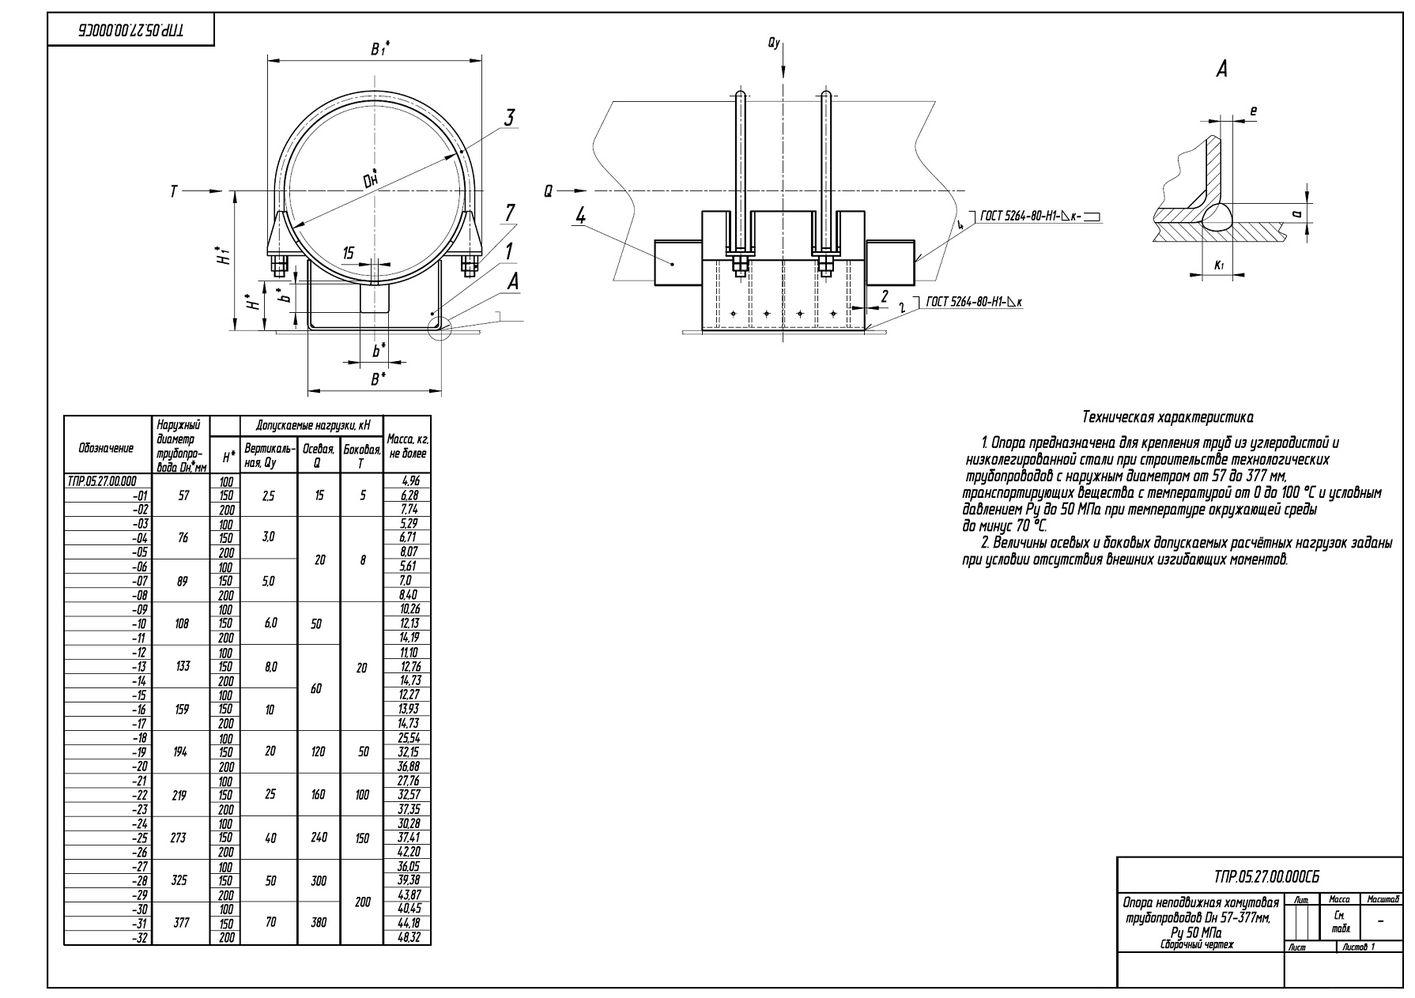 ТПР.05.27(1).00.000 Опоры неподвижные хомутовые трубопроводов Дн 57-377 мм